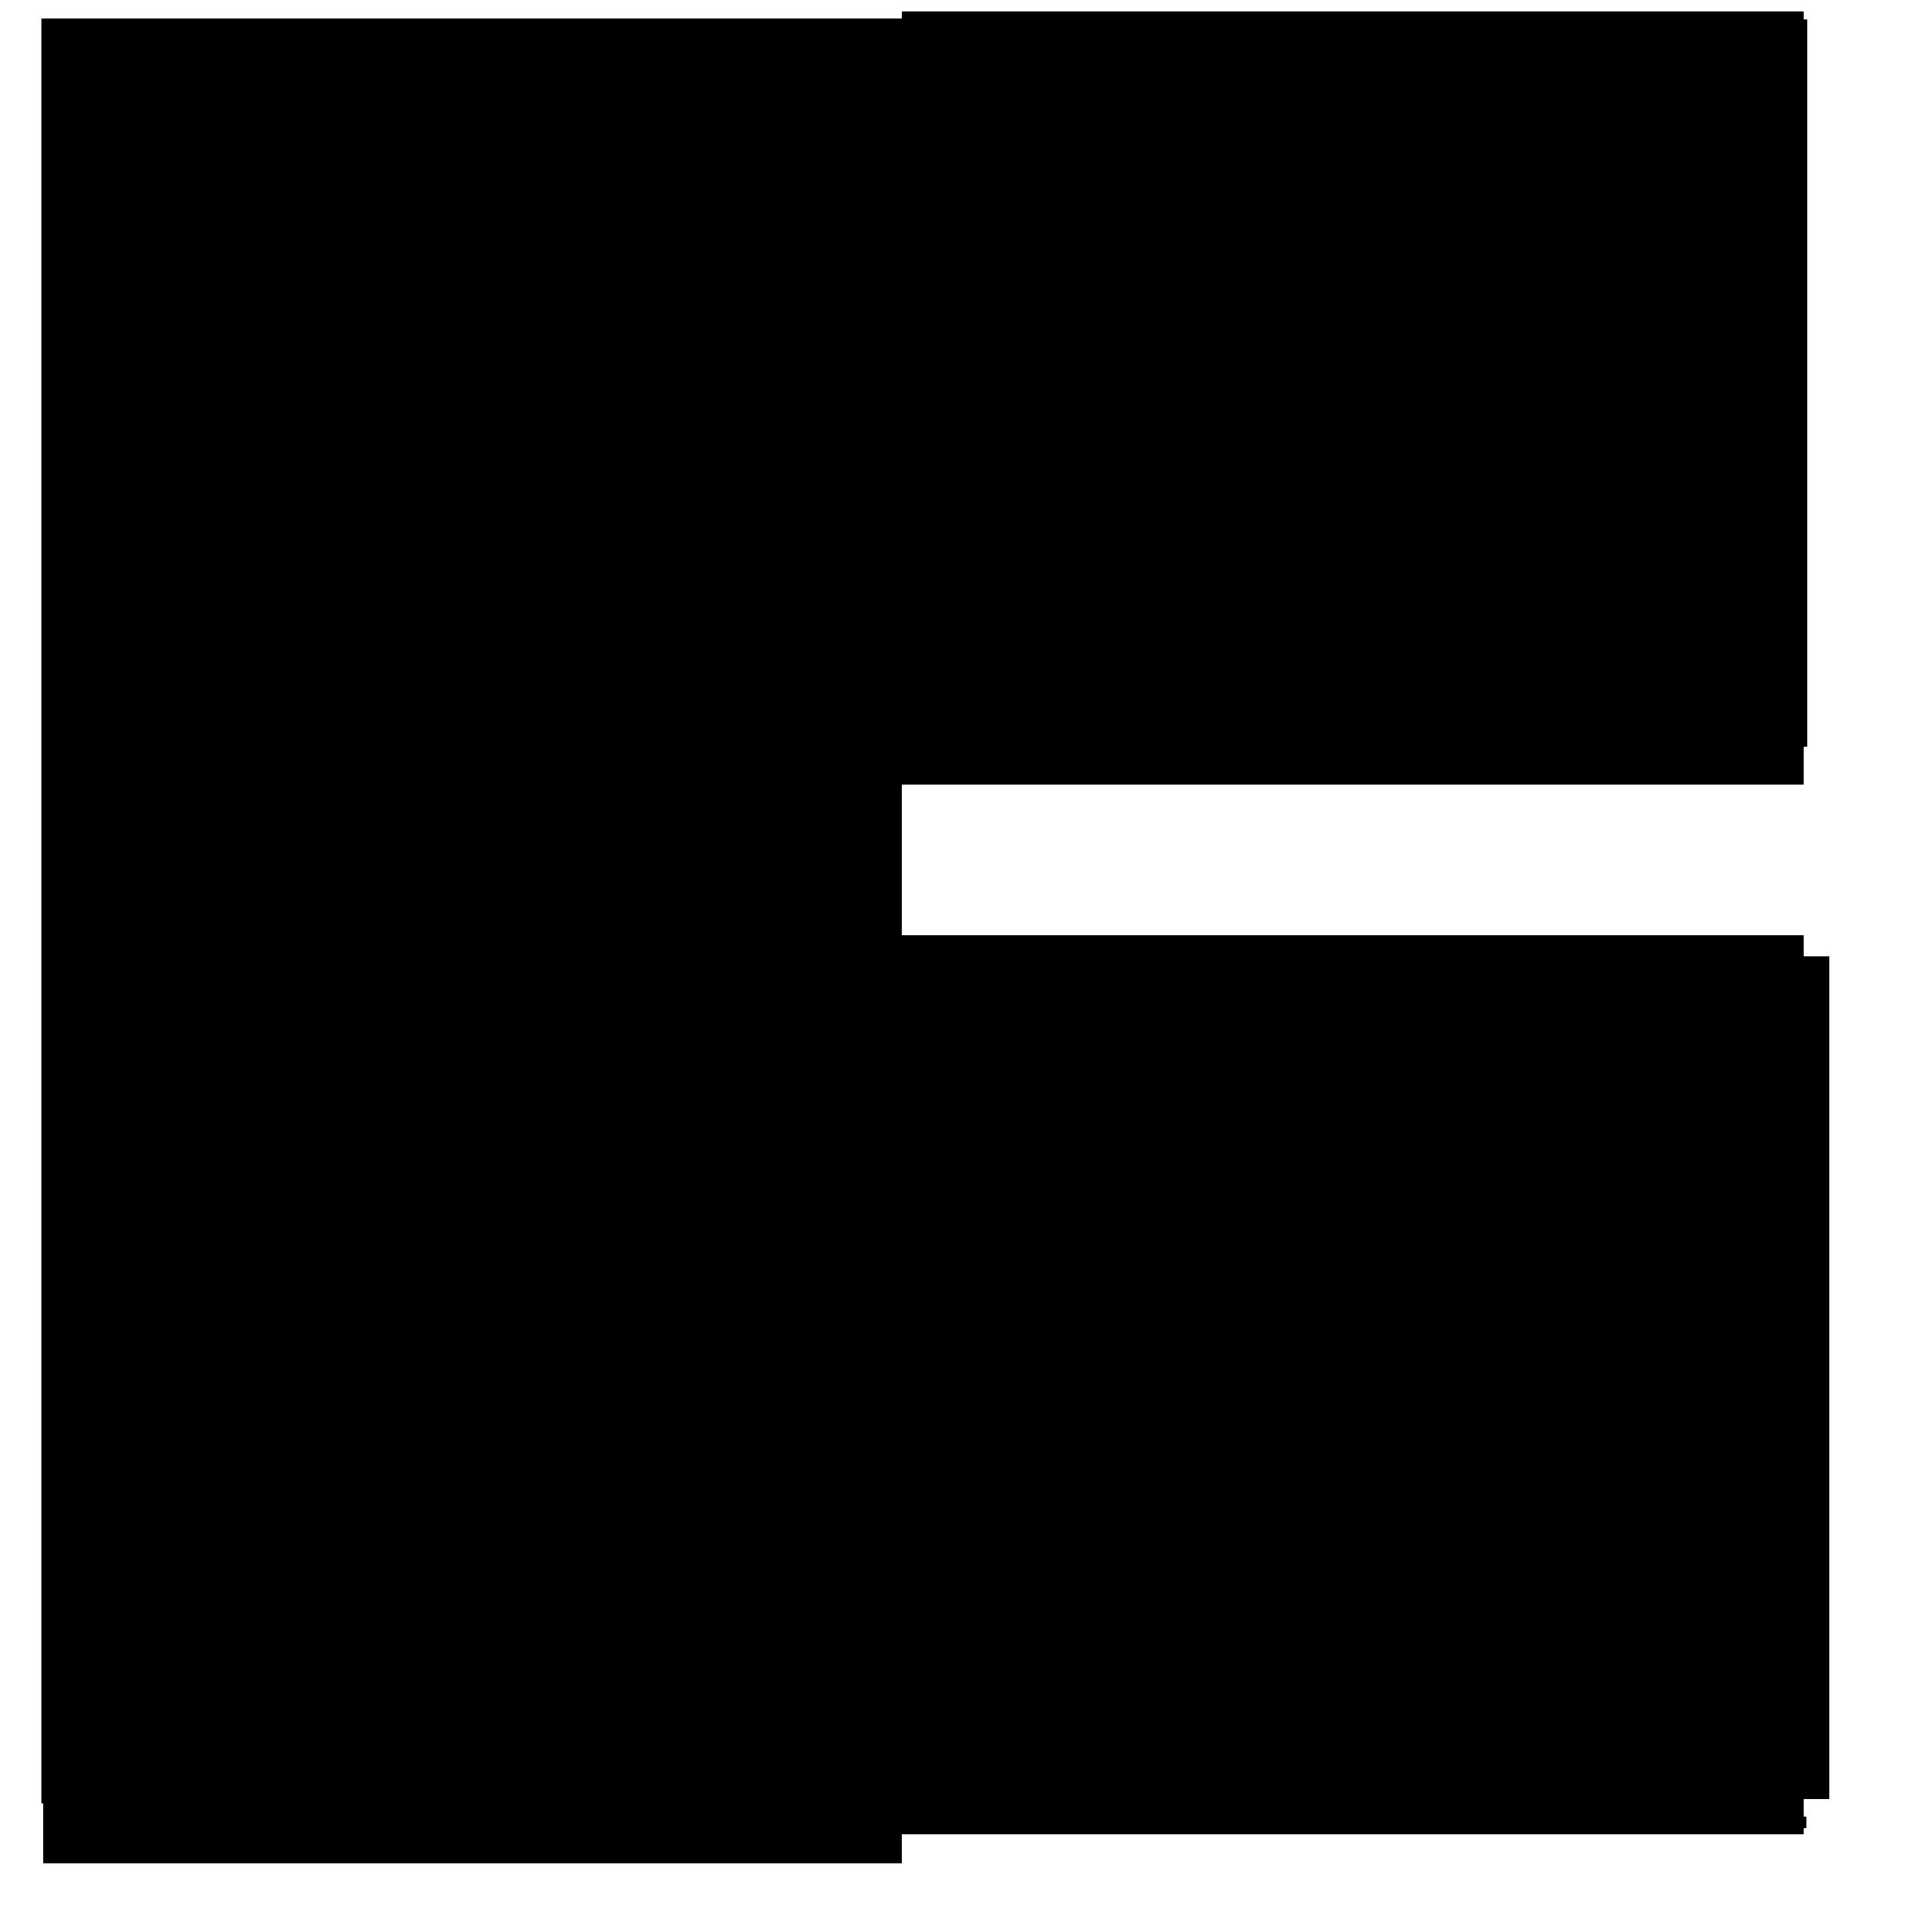 Impreso Declaración Responsable Segunda Ocupación Jijona/Xixona